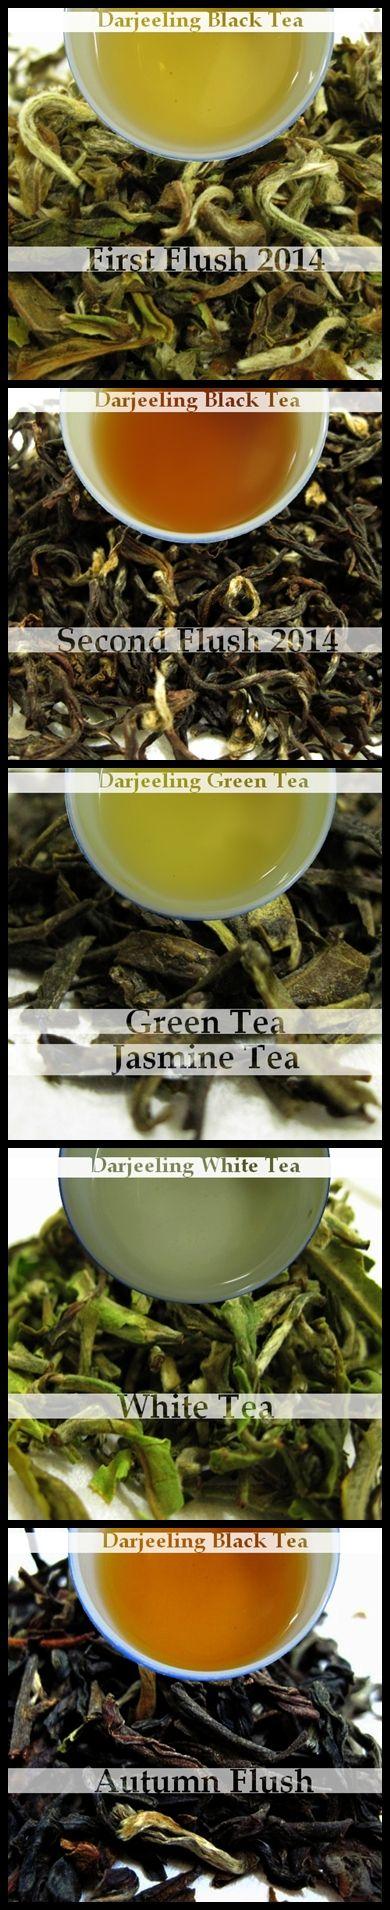 Darjeeling Teas from Darjeeling Tea Boutique. #Darjeelingtea #Darjeeling #tea